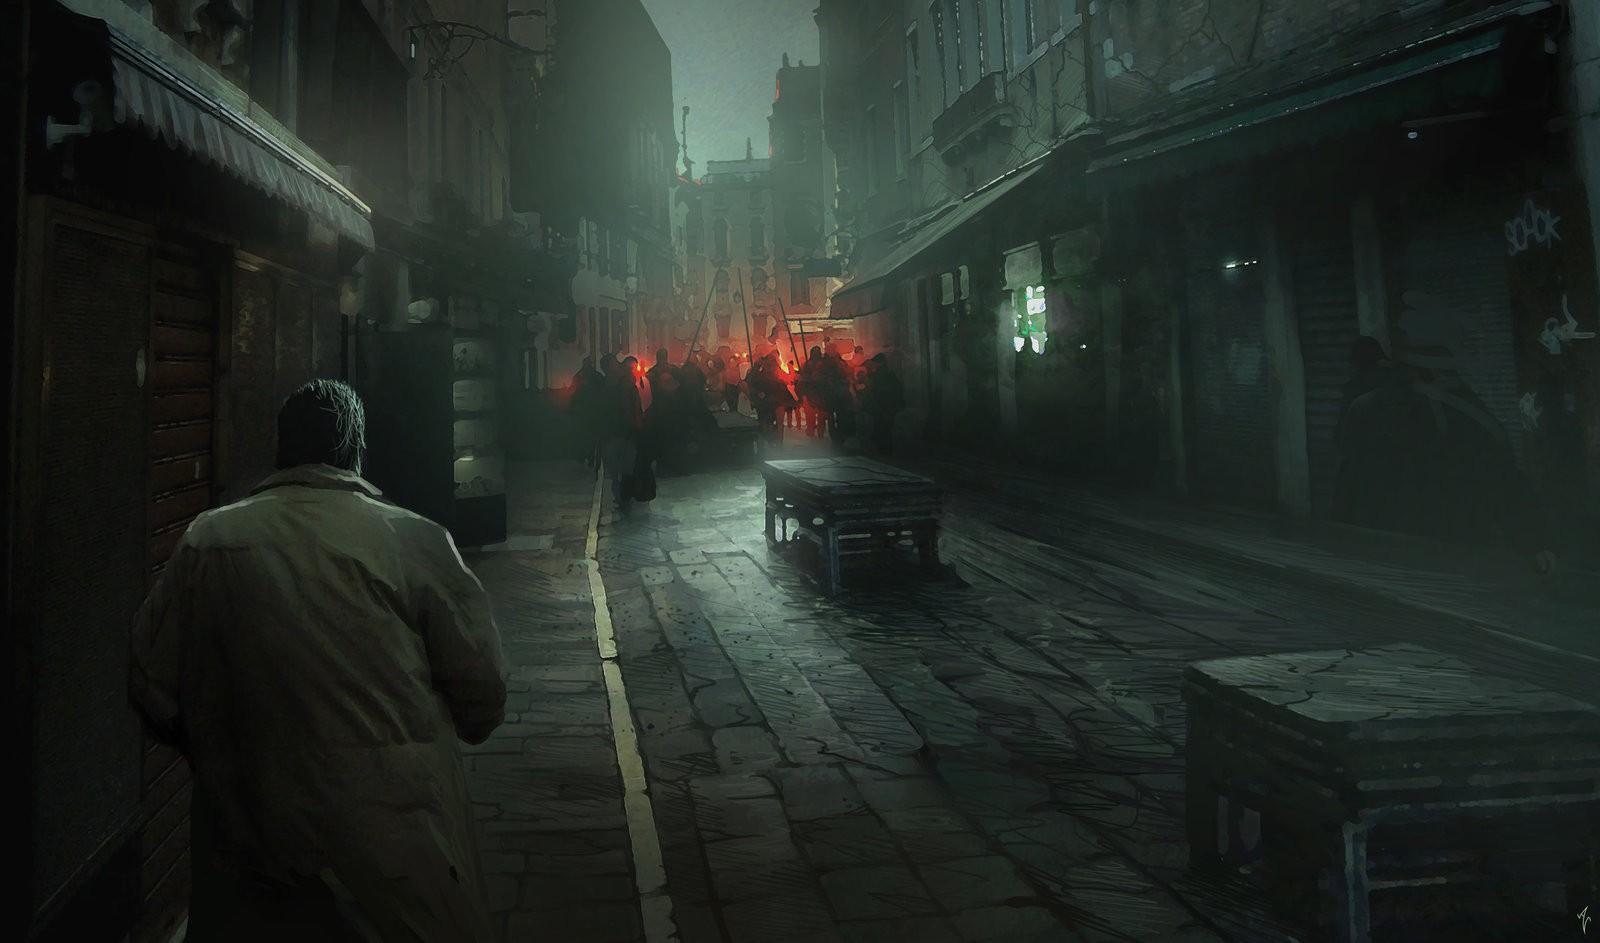 Wallpaper Digital Art Dark Science Fiction Midnight Darkness